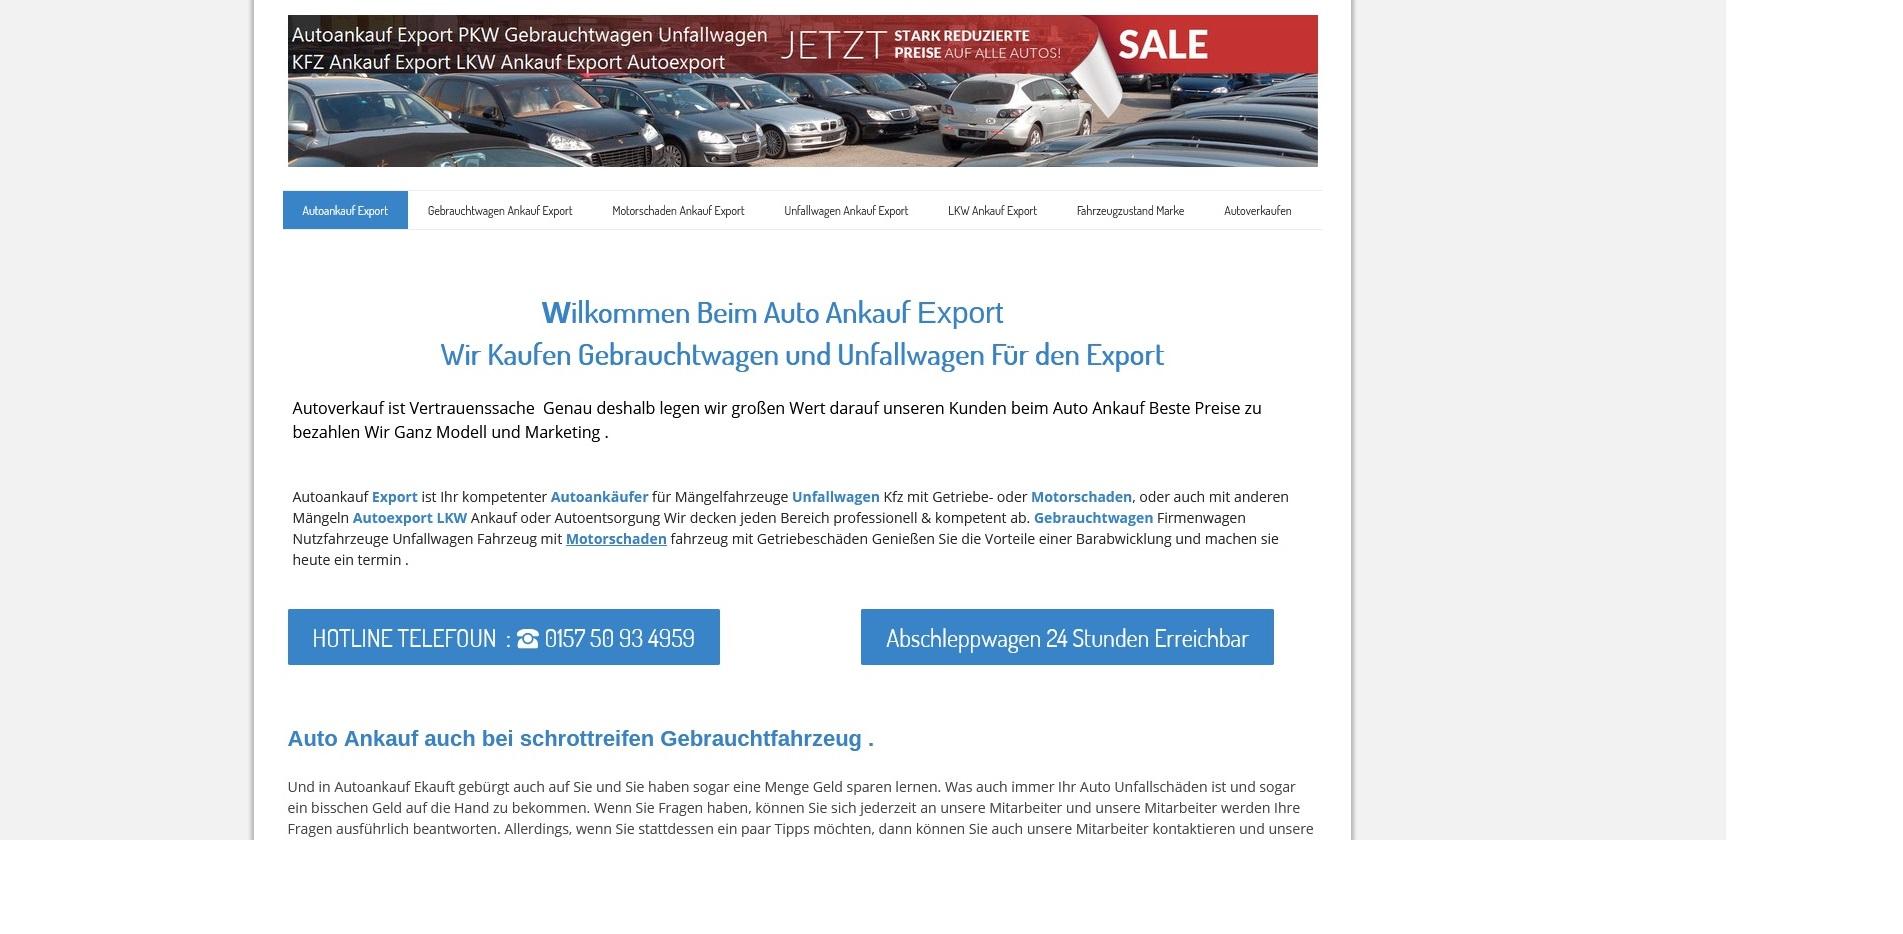 https://www.kfz-ankauf-export.de - Autoankauf Neustadt an der Weinstraße